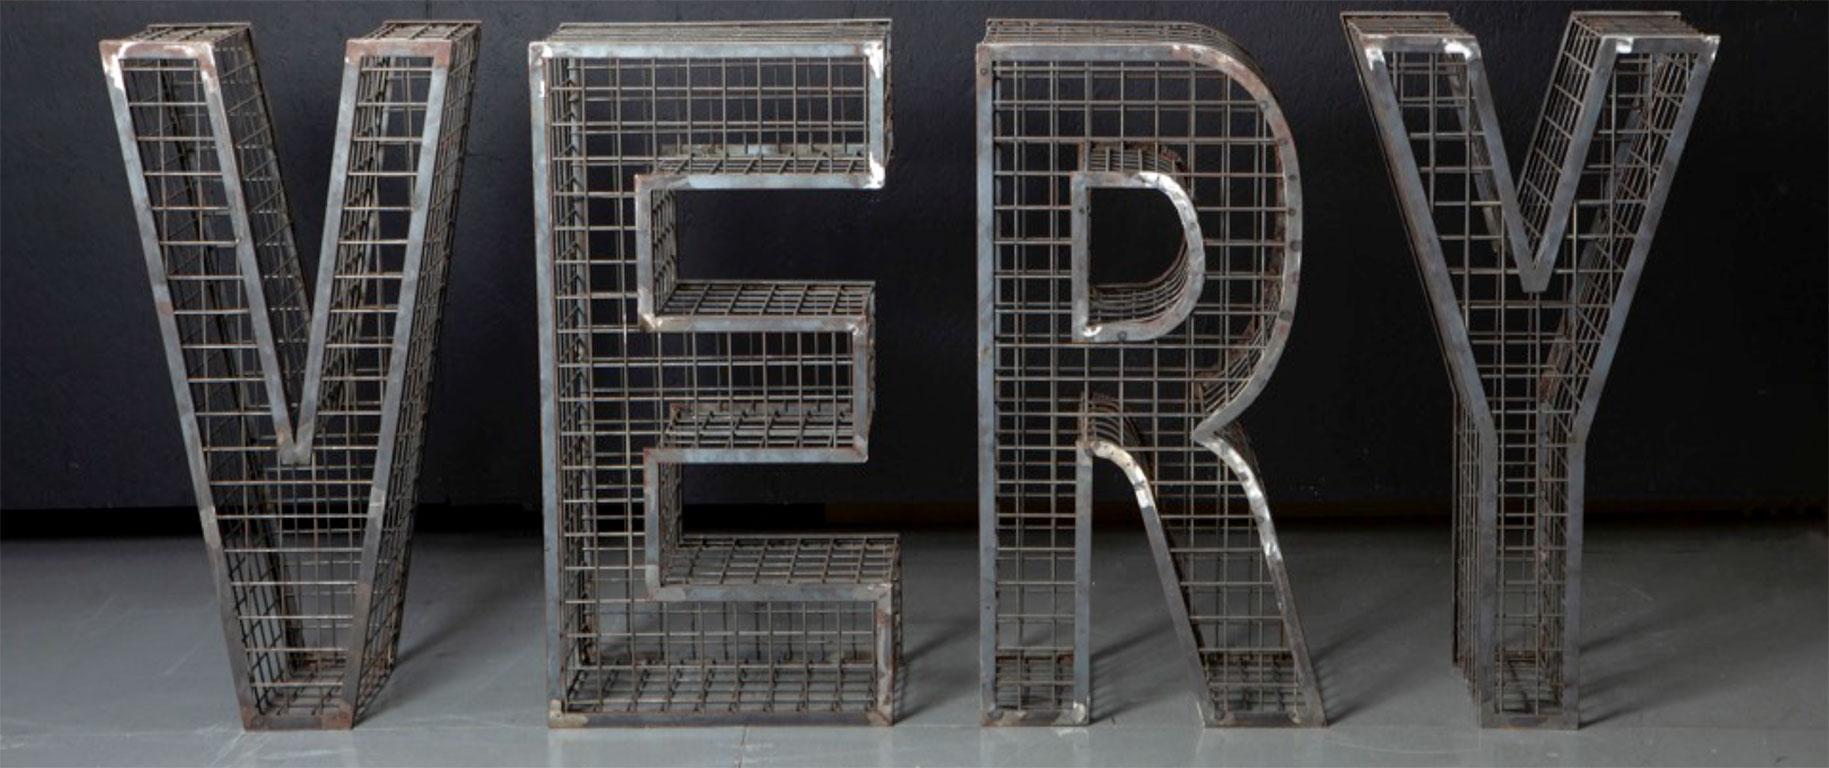 VERY Steel Sculpture